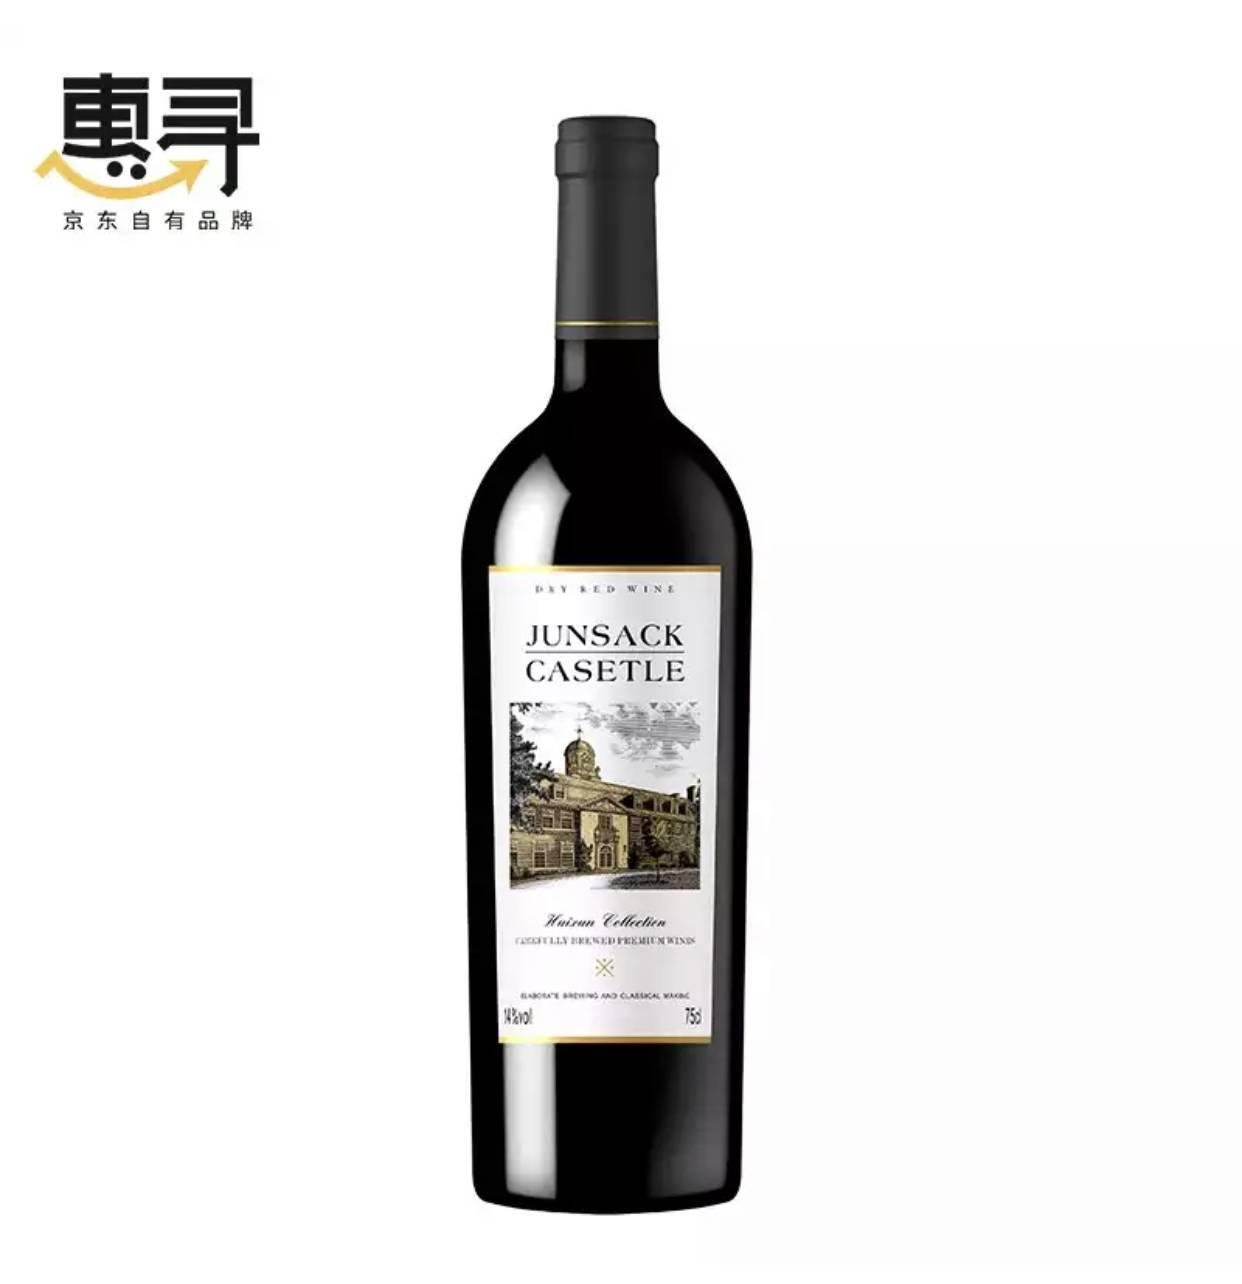 京东极速版:惠寻 君萨克古堡 珍藏干红 葡萄酒 750ml 14.9元包邮